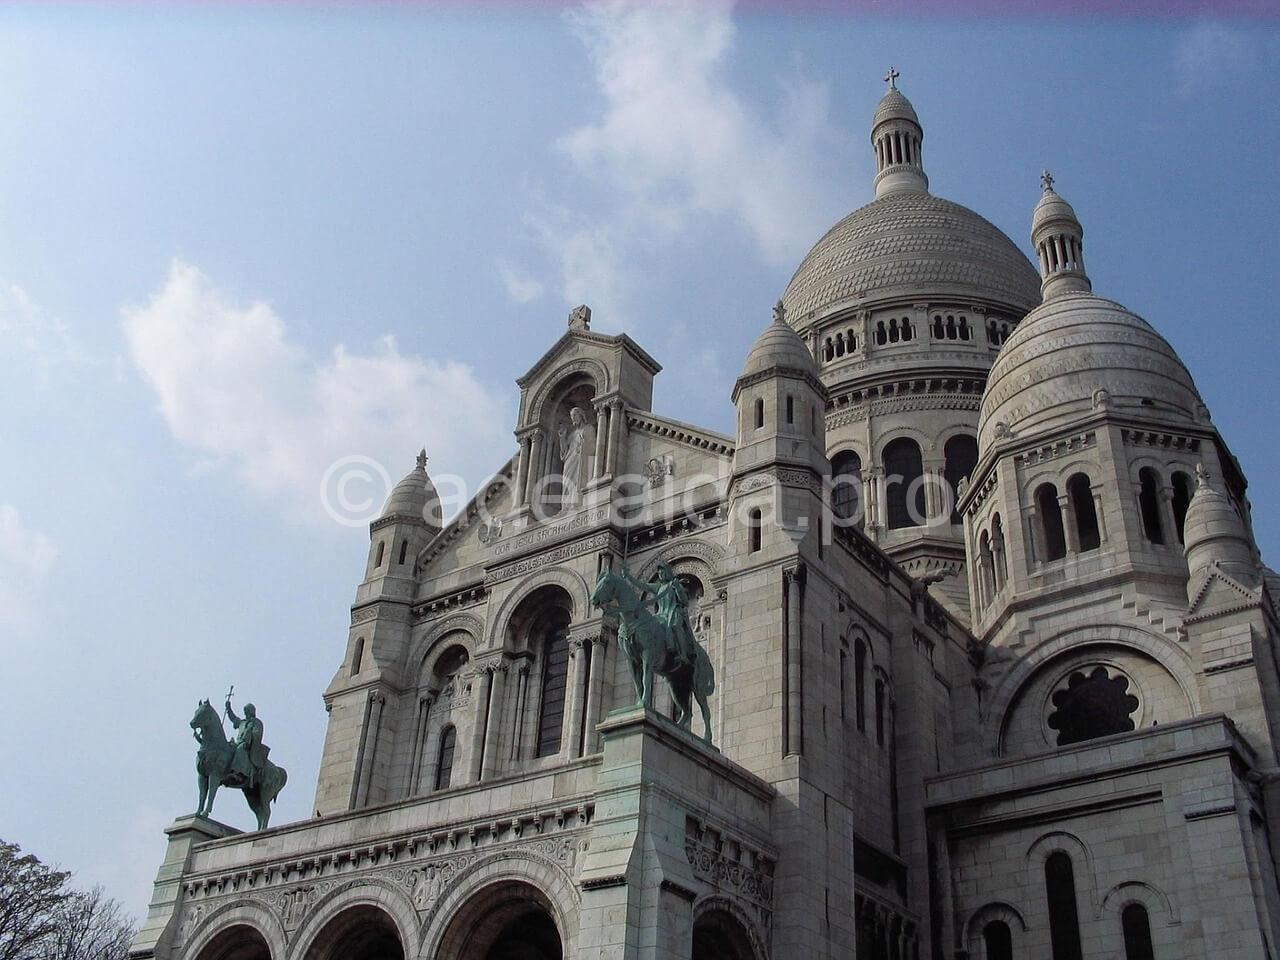 По пути на Монмартр, вдали видна базилика Сакре-Кер, это самое высокое место города